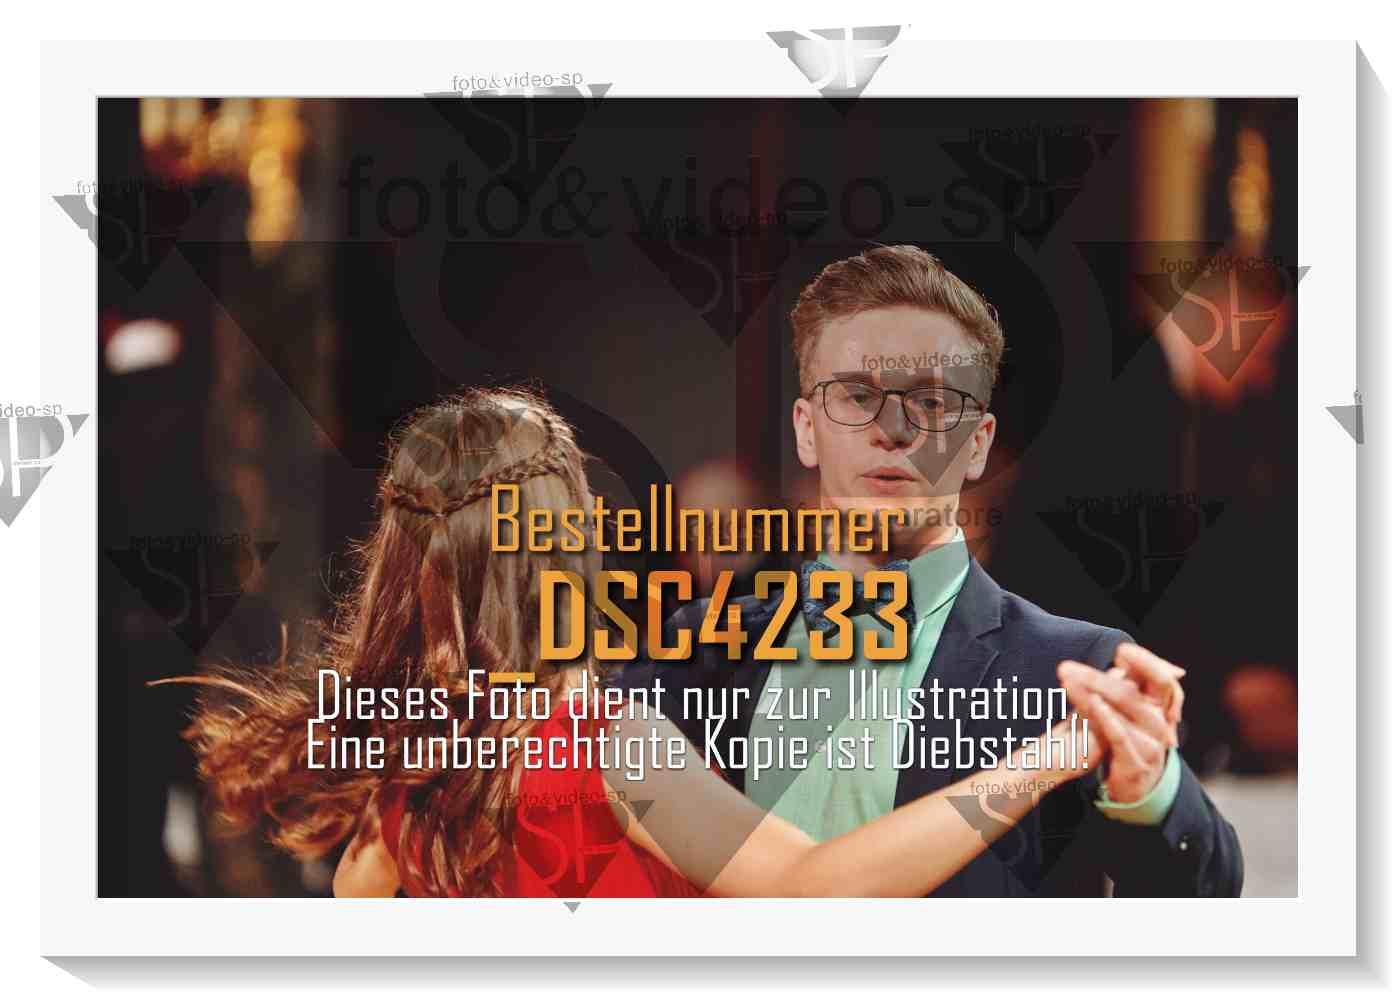 DSC4233